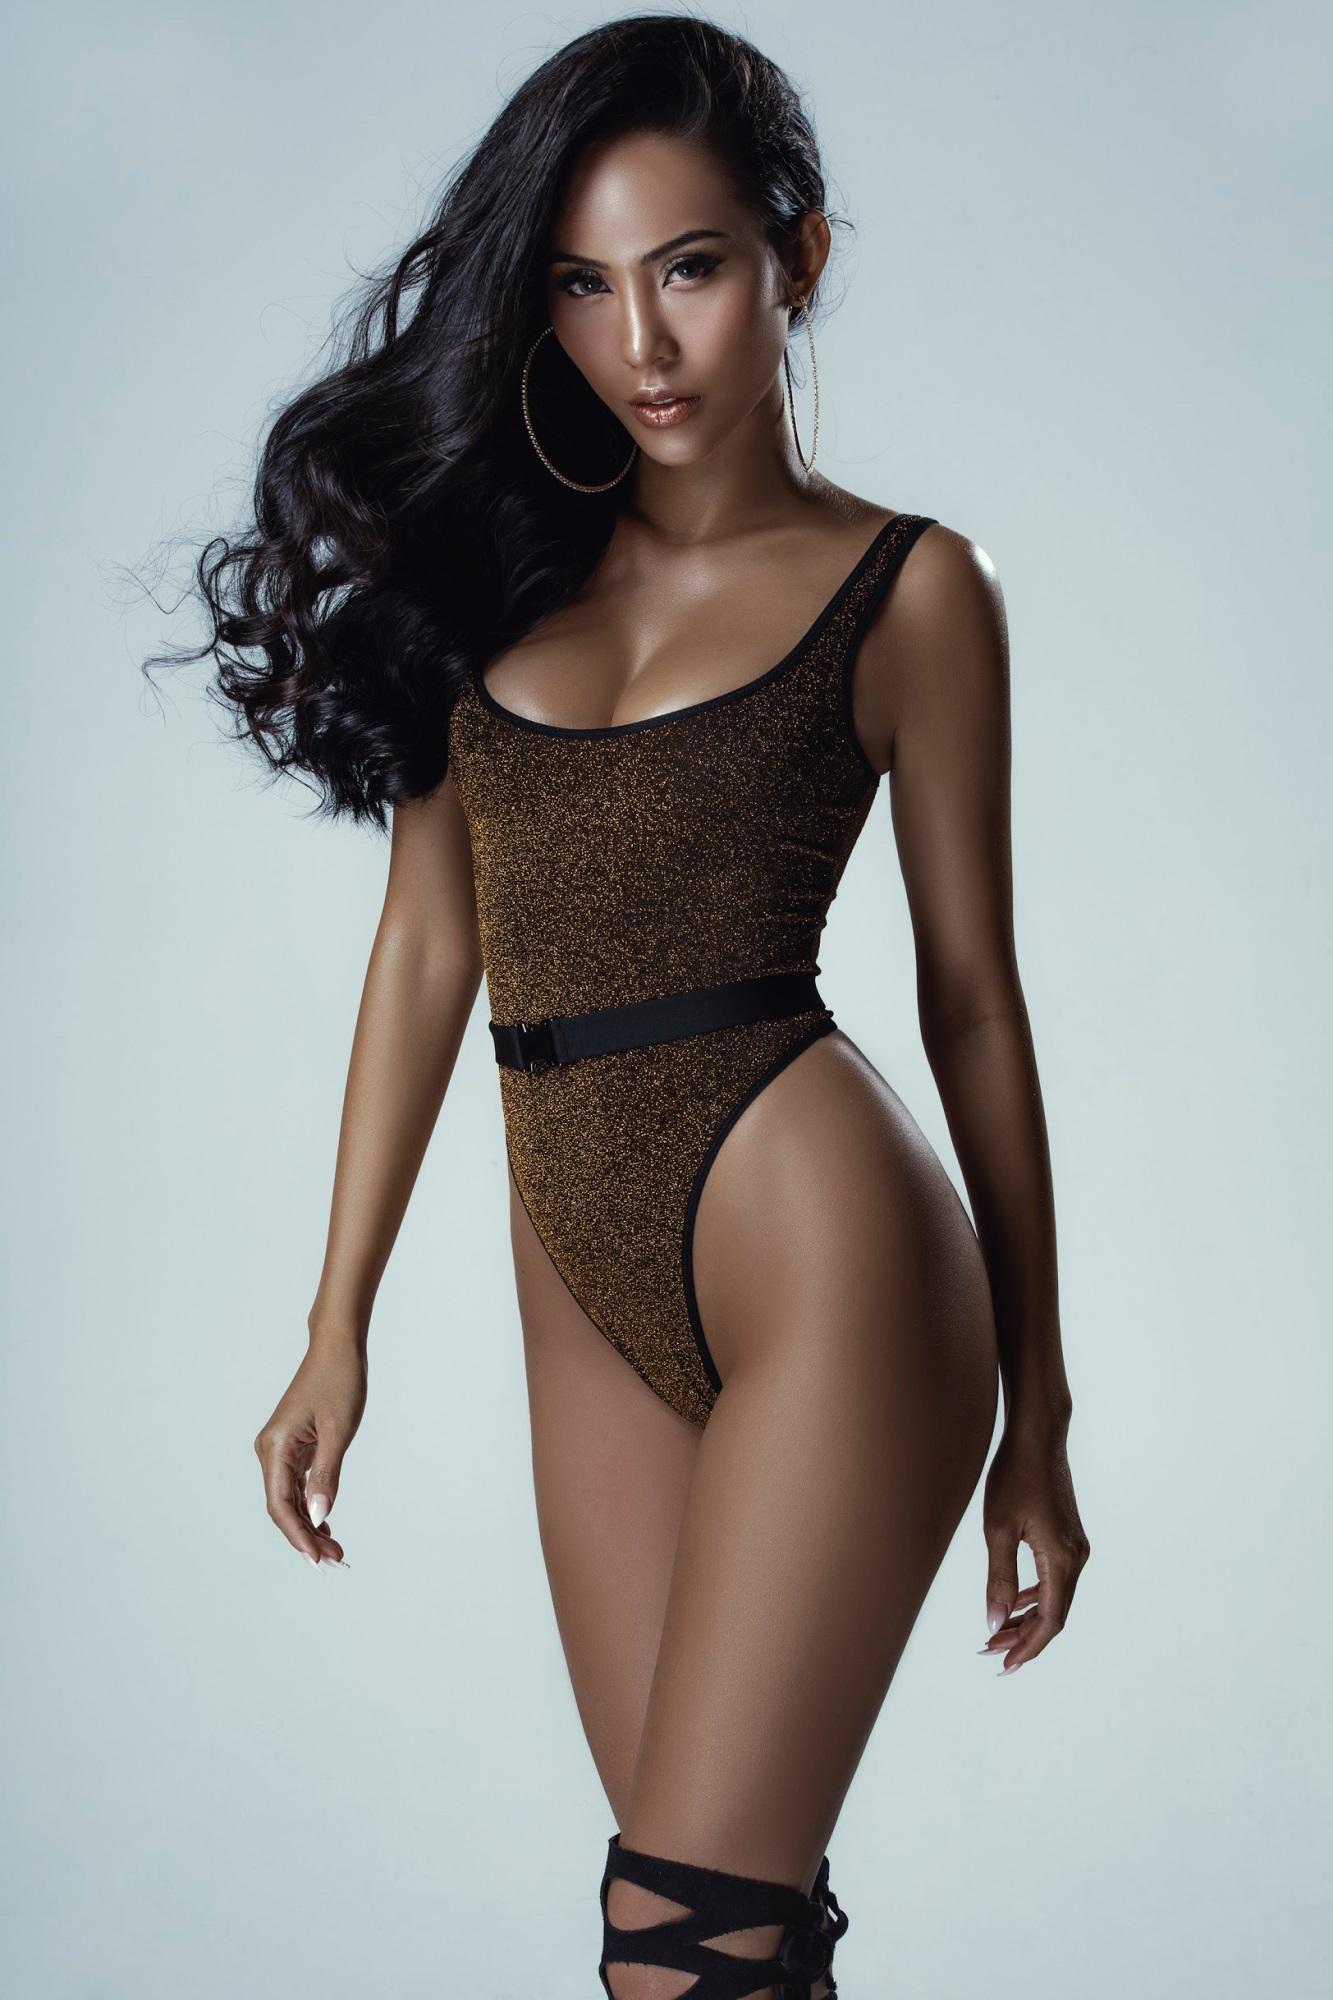 Chân dài Trương Hằng khoe trọn 'đường con nhức mắt' trong bộ hình bikini nóng bỏng - Ảnh 1